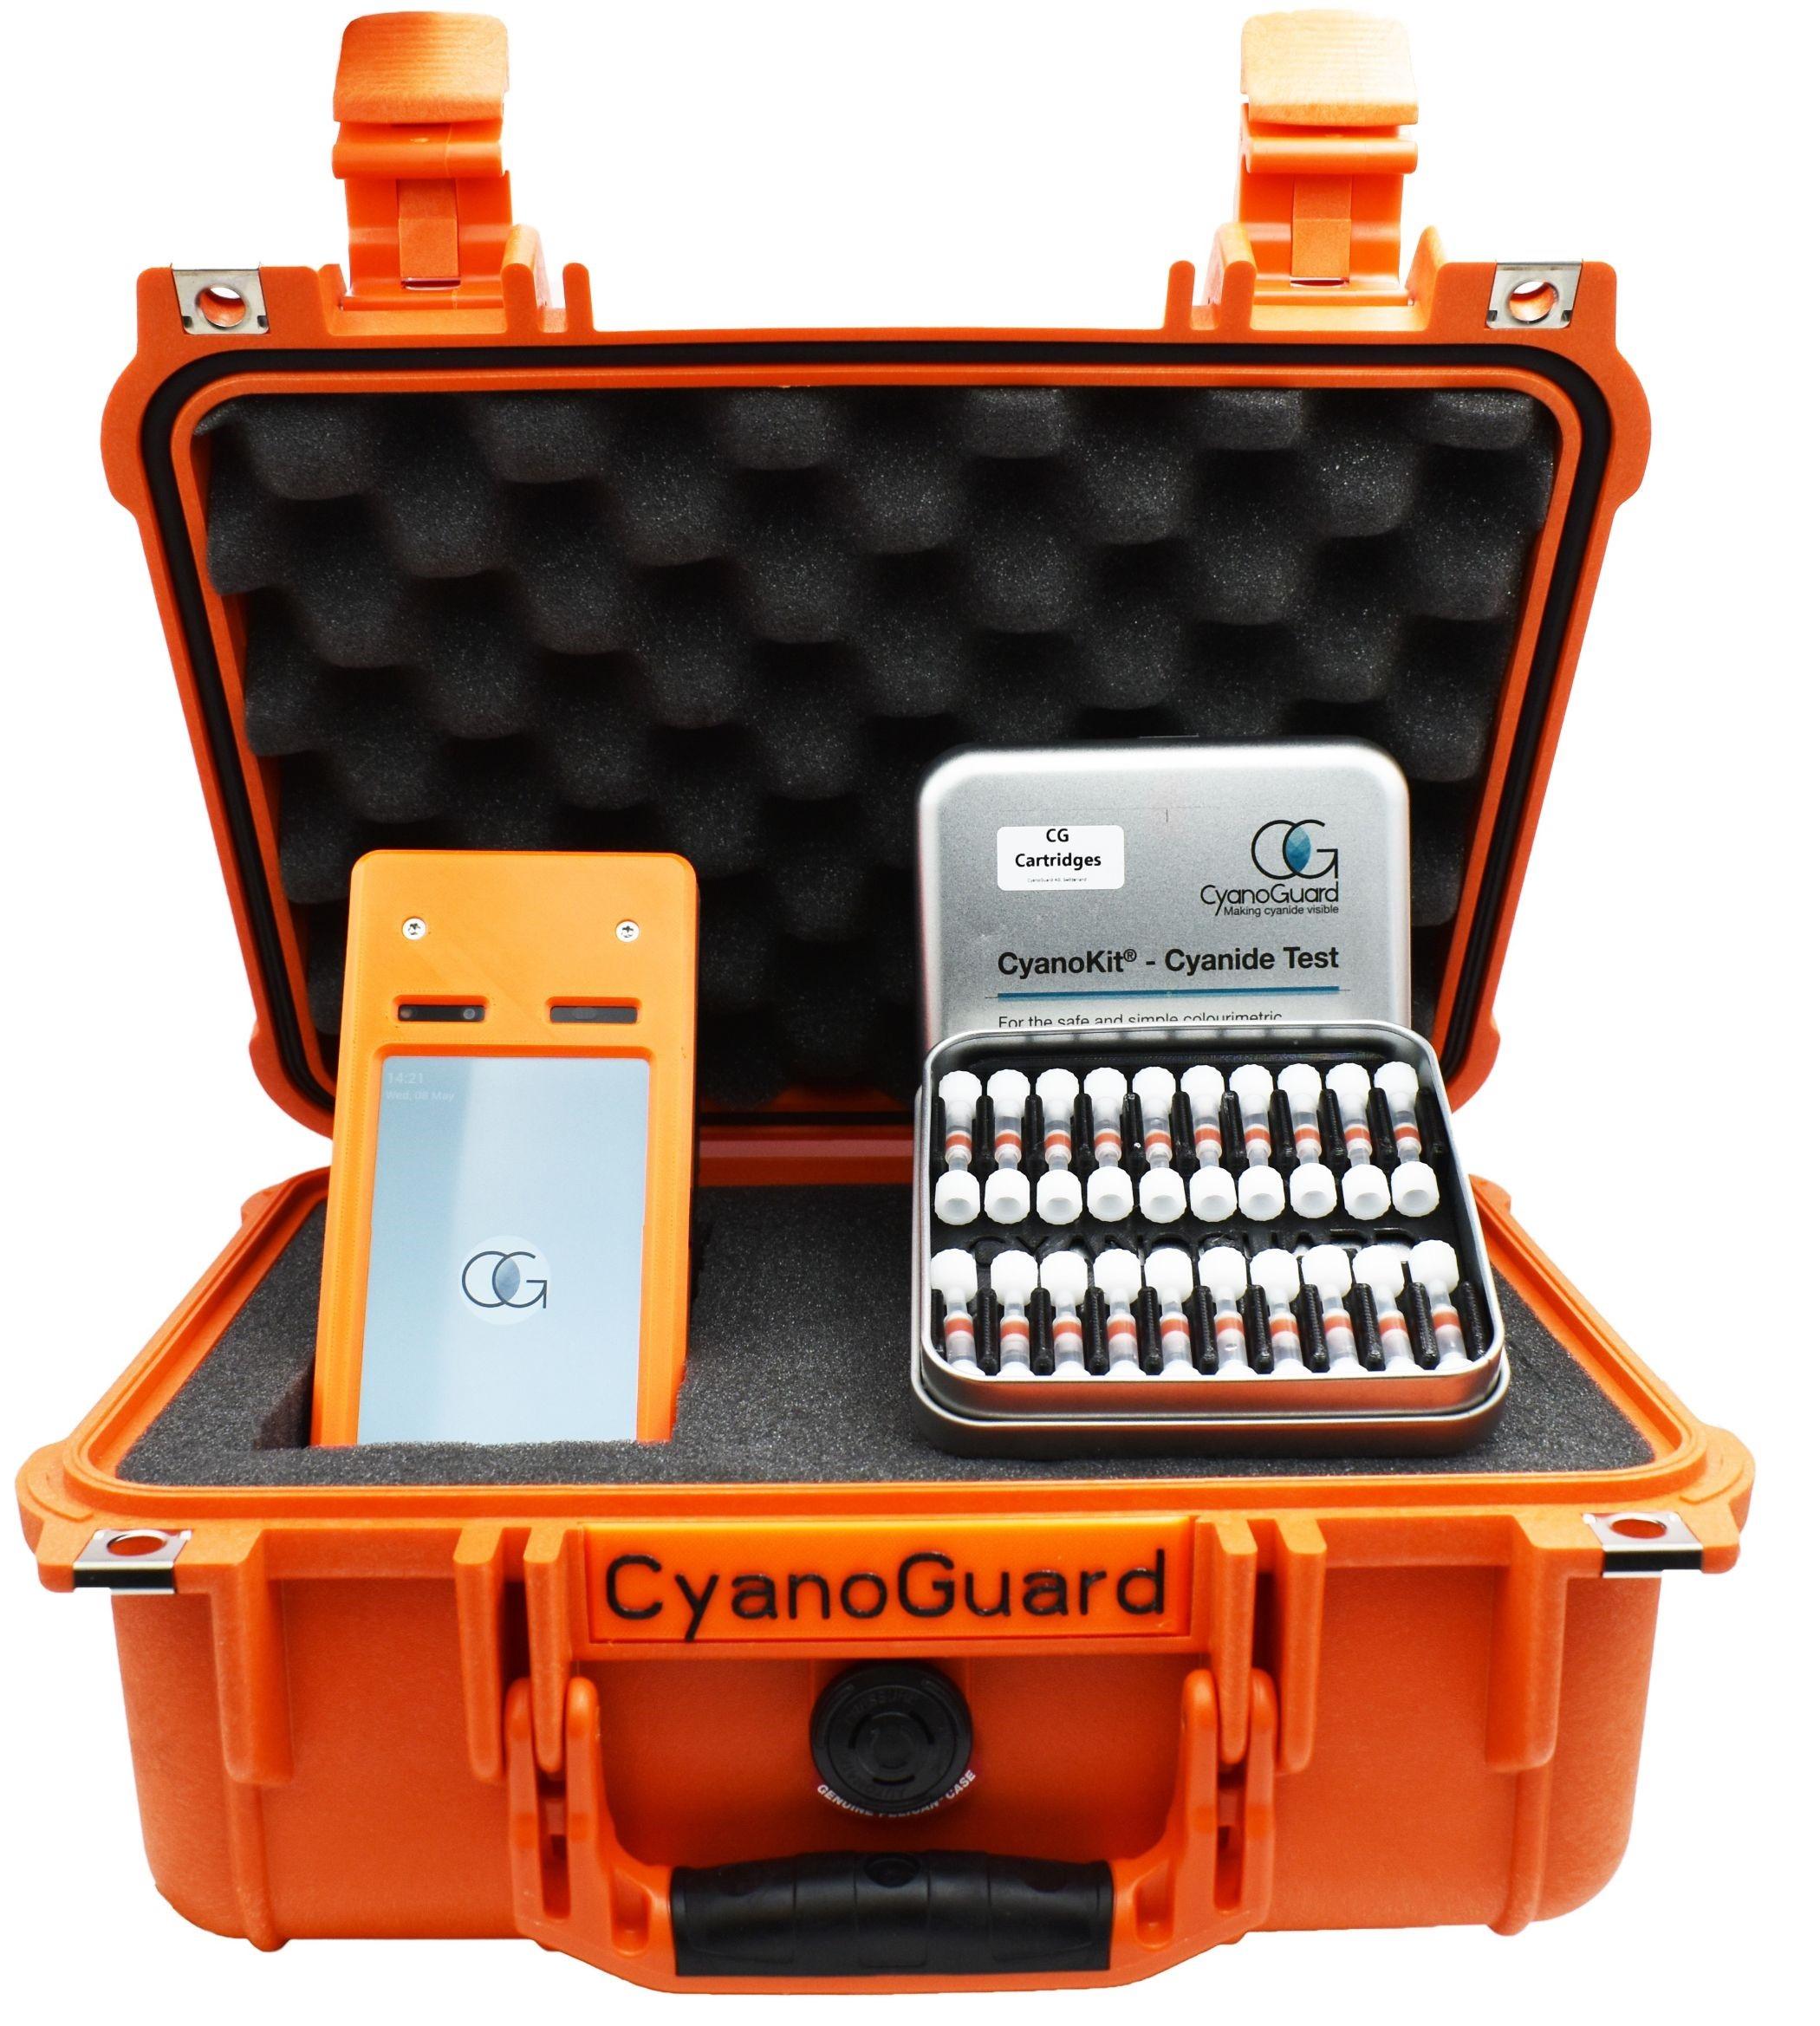 CyanoGuard cyanide monitoring kit.